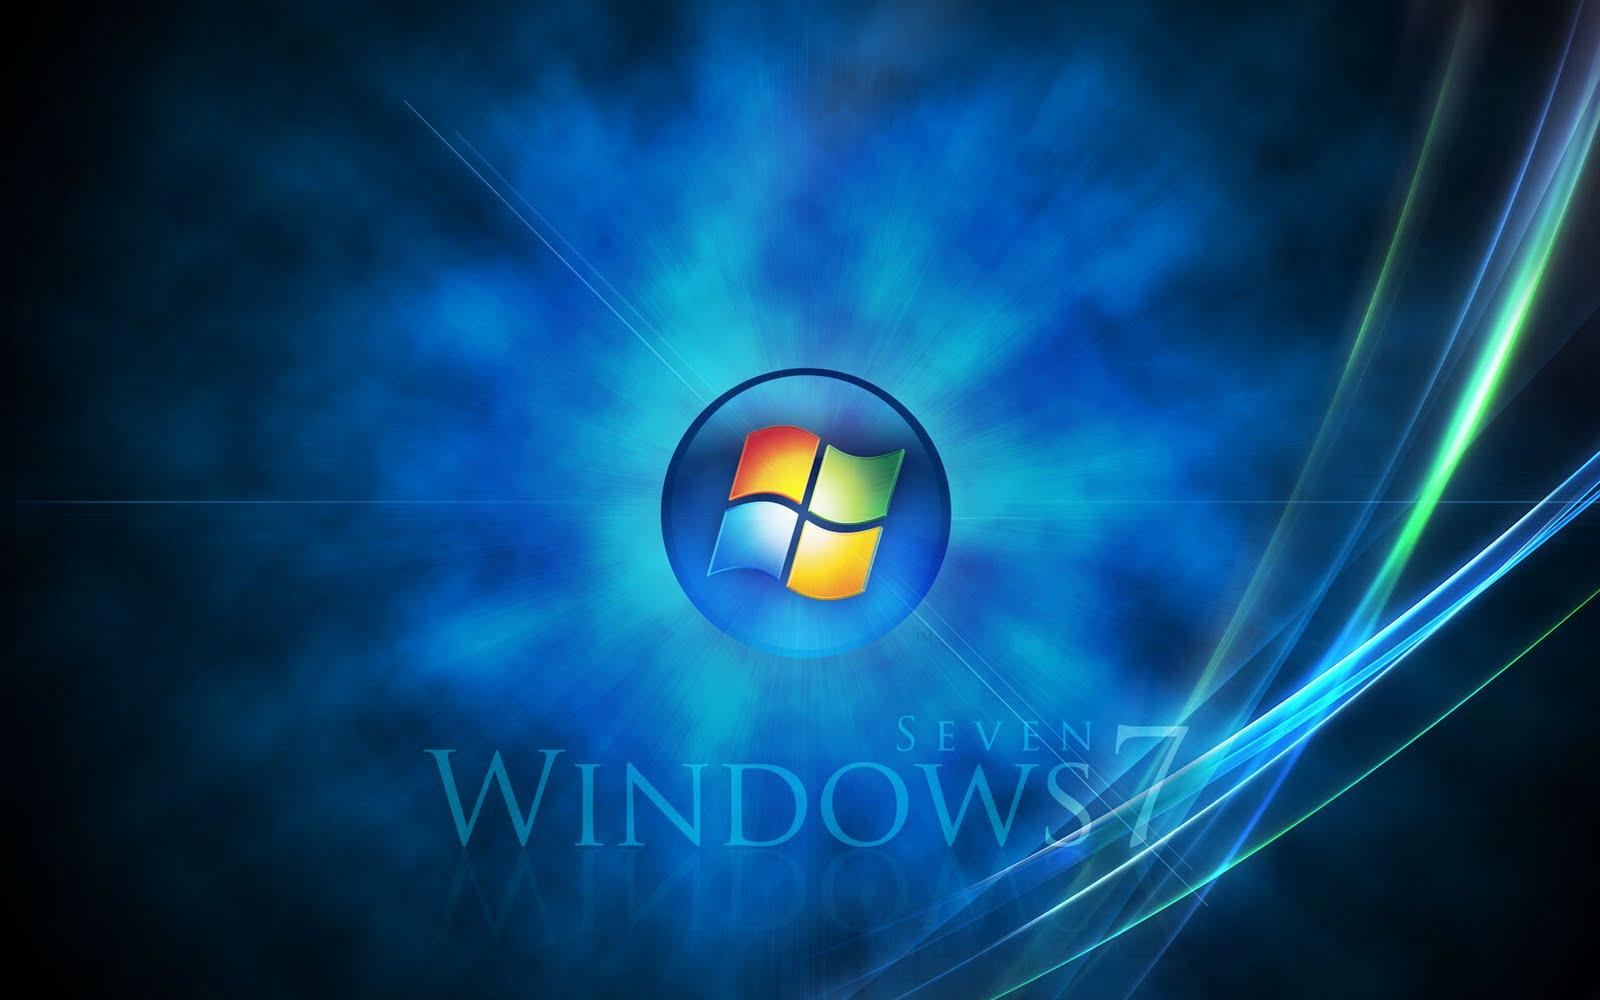 http://1.bp.blogspot.com/_F1KHXmWyB-w/THvBCbqaqHI/AAAAAAAAAFs/cHAT0Bn9Fmw/s1600/Windows+7+ultimate+collection+of+wallpapers+%285%29.jpg